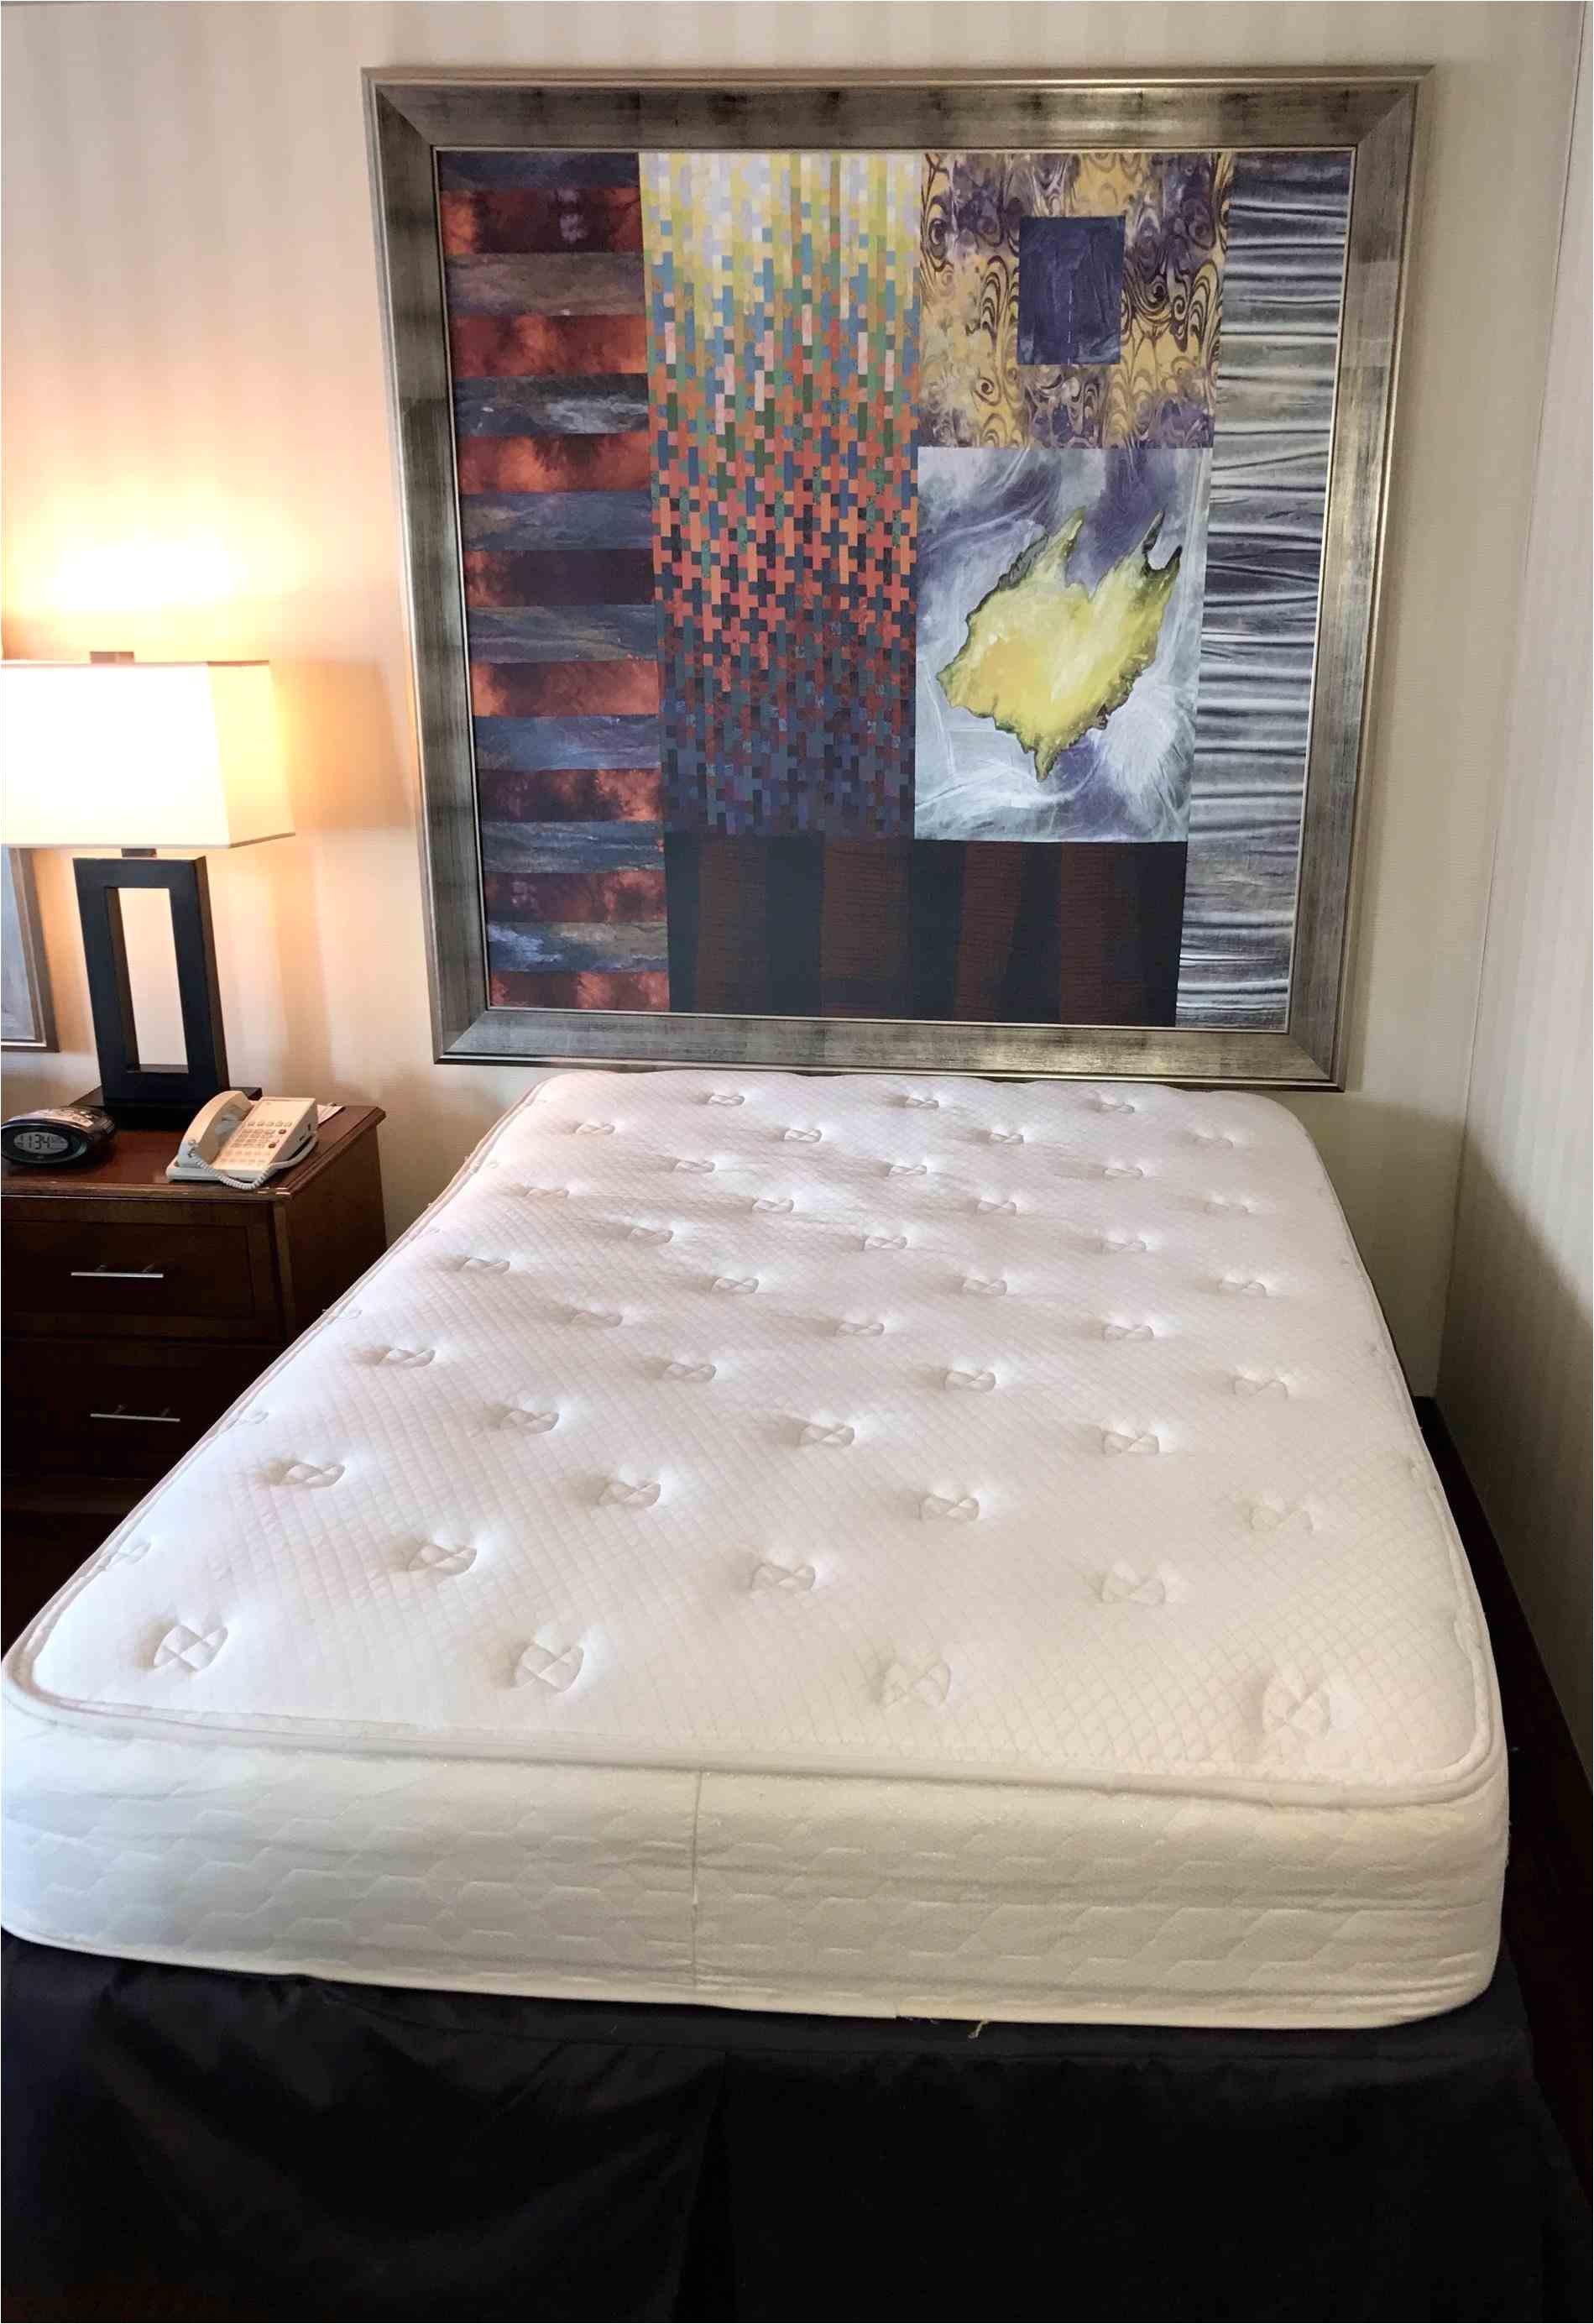 Hotel Furniture Liquidators Chicago Liquidators Chicago Of Hotel Furniture Liquidators Home Ideas